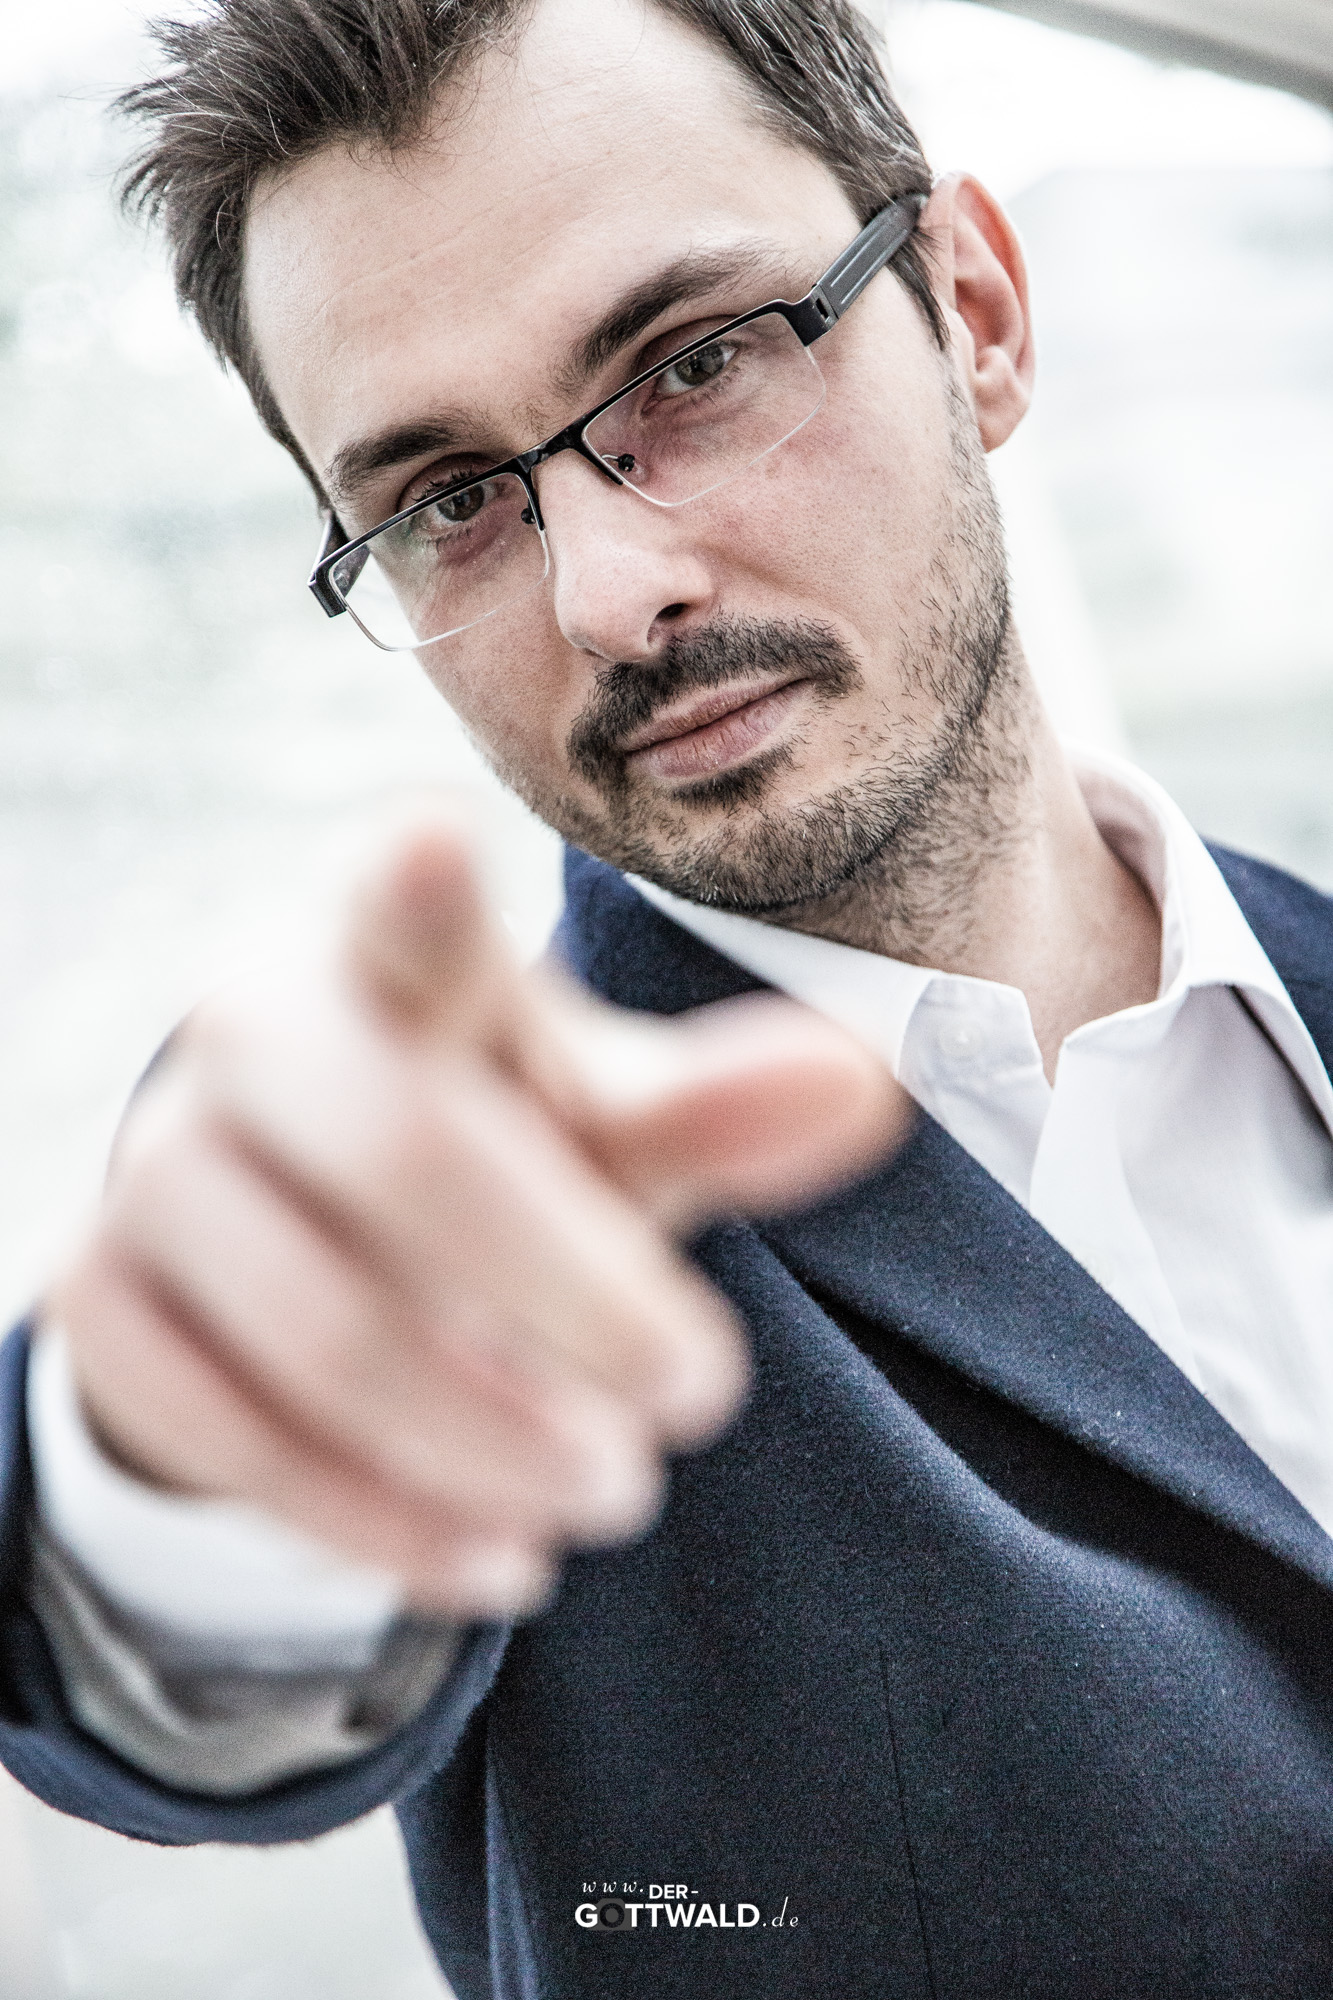 der-gottwaldDE - Business-Portrait 092.jpg